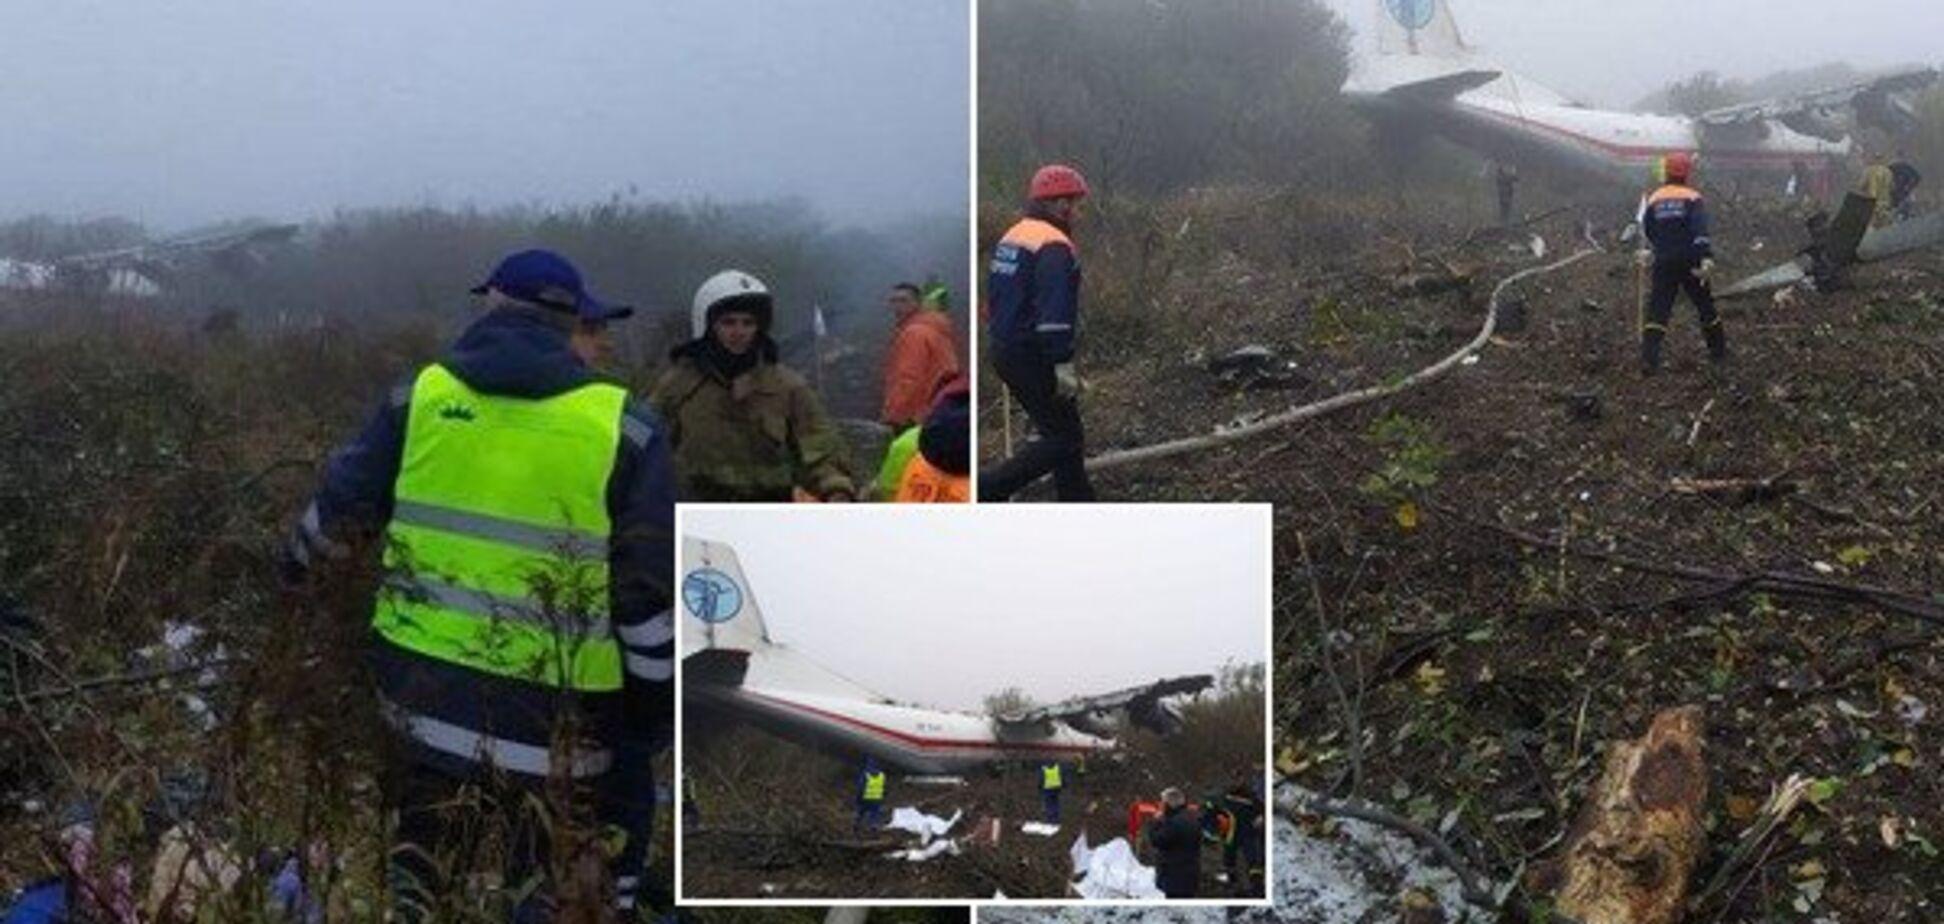 Под Львовом аварийно сел самолет с пассажирами: есть жертвы